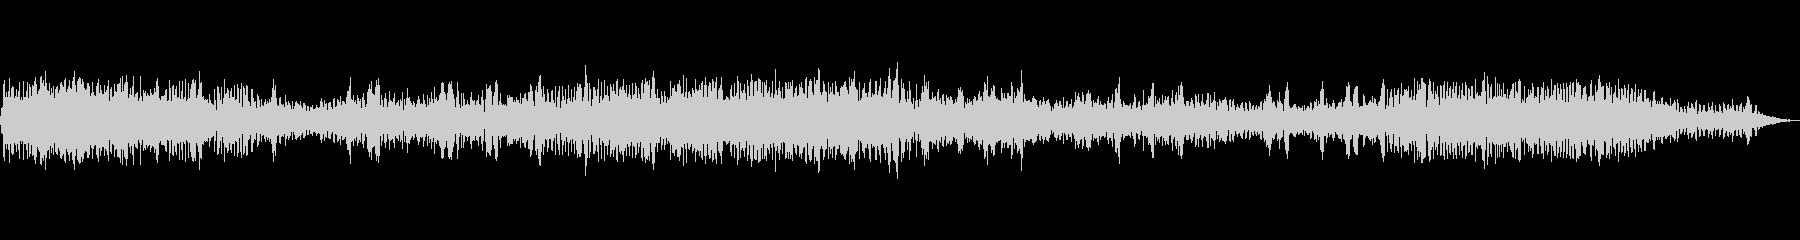 [バイノーラル録音]カエルの鳴き声-5月の未再生の波形